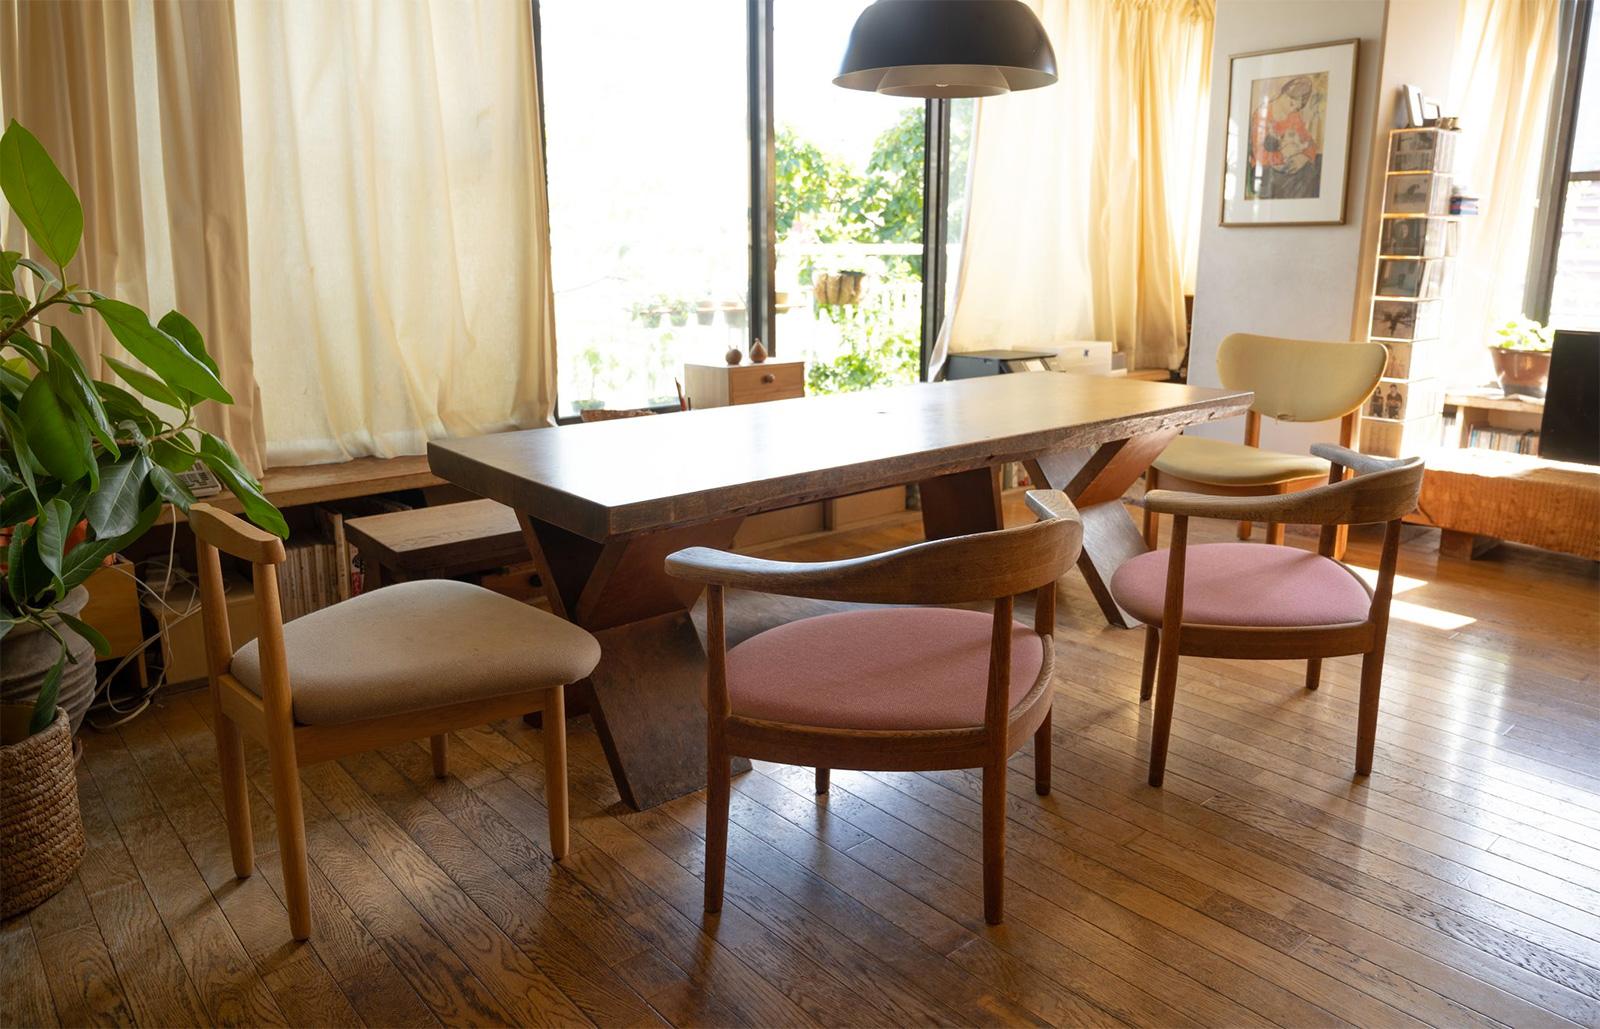 「愛用の椅子たち」。左から「親子の椅子(小)」「あぐらのかける男の椅子」「トヨさんの椅子」、奥はベンチとテーブル。